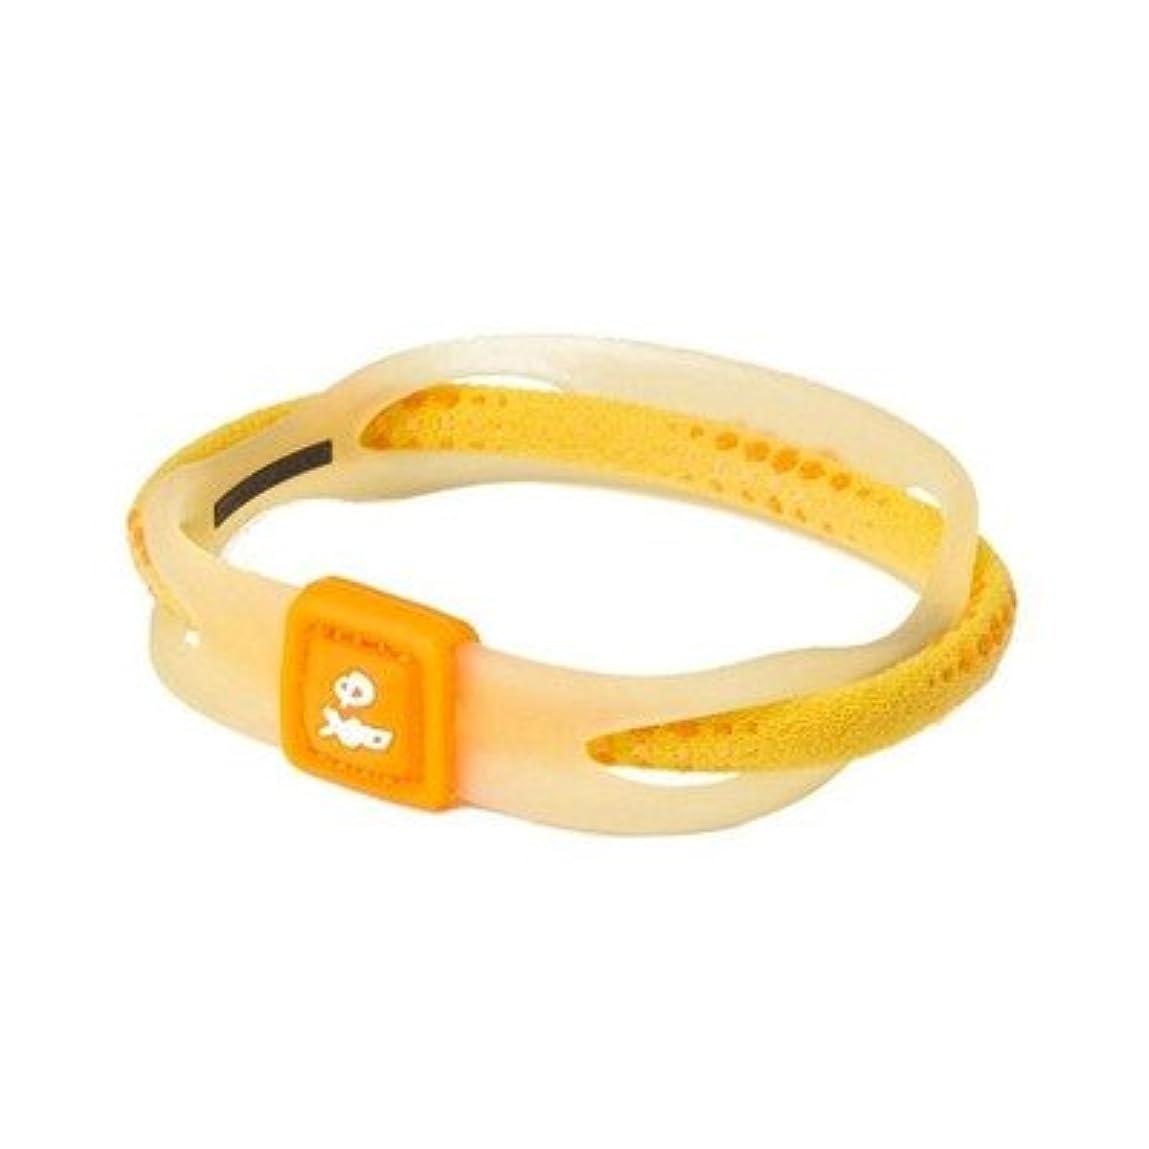 に変わるステープル講堂Phiten(ファイテン) RAKUWA ブレス X50 イエロー 17CM TG497325[通販用梱包品]